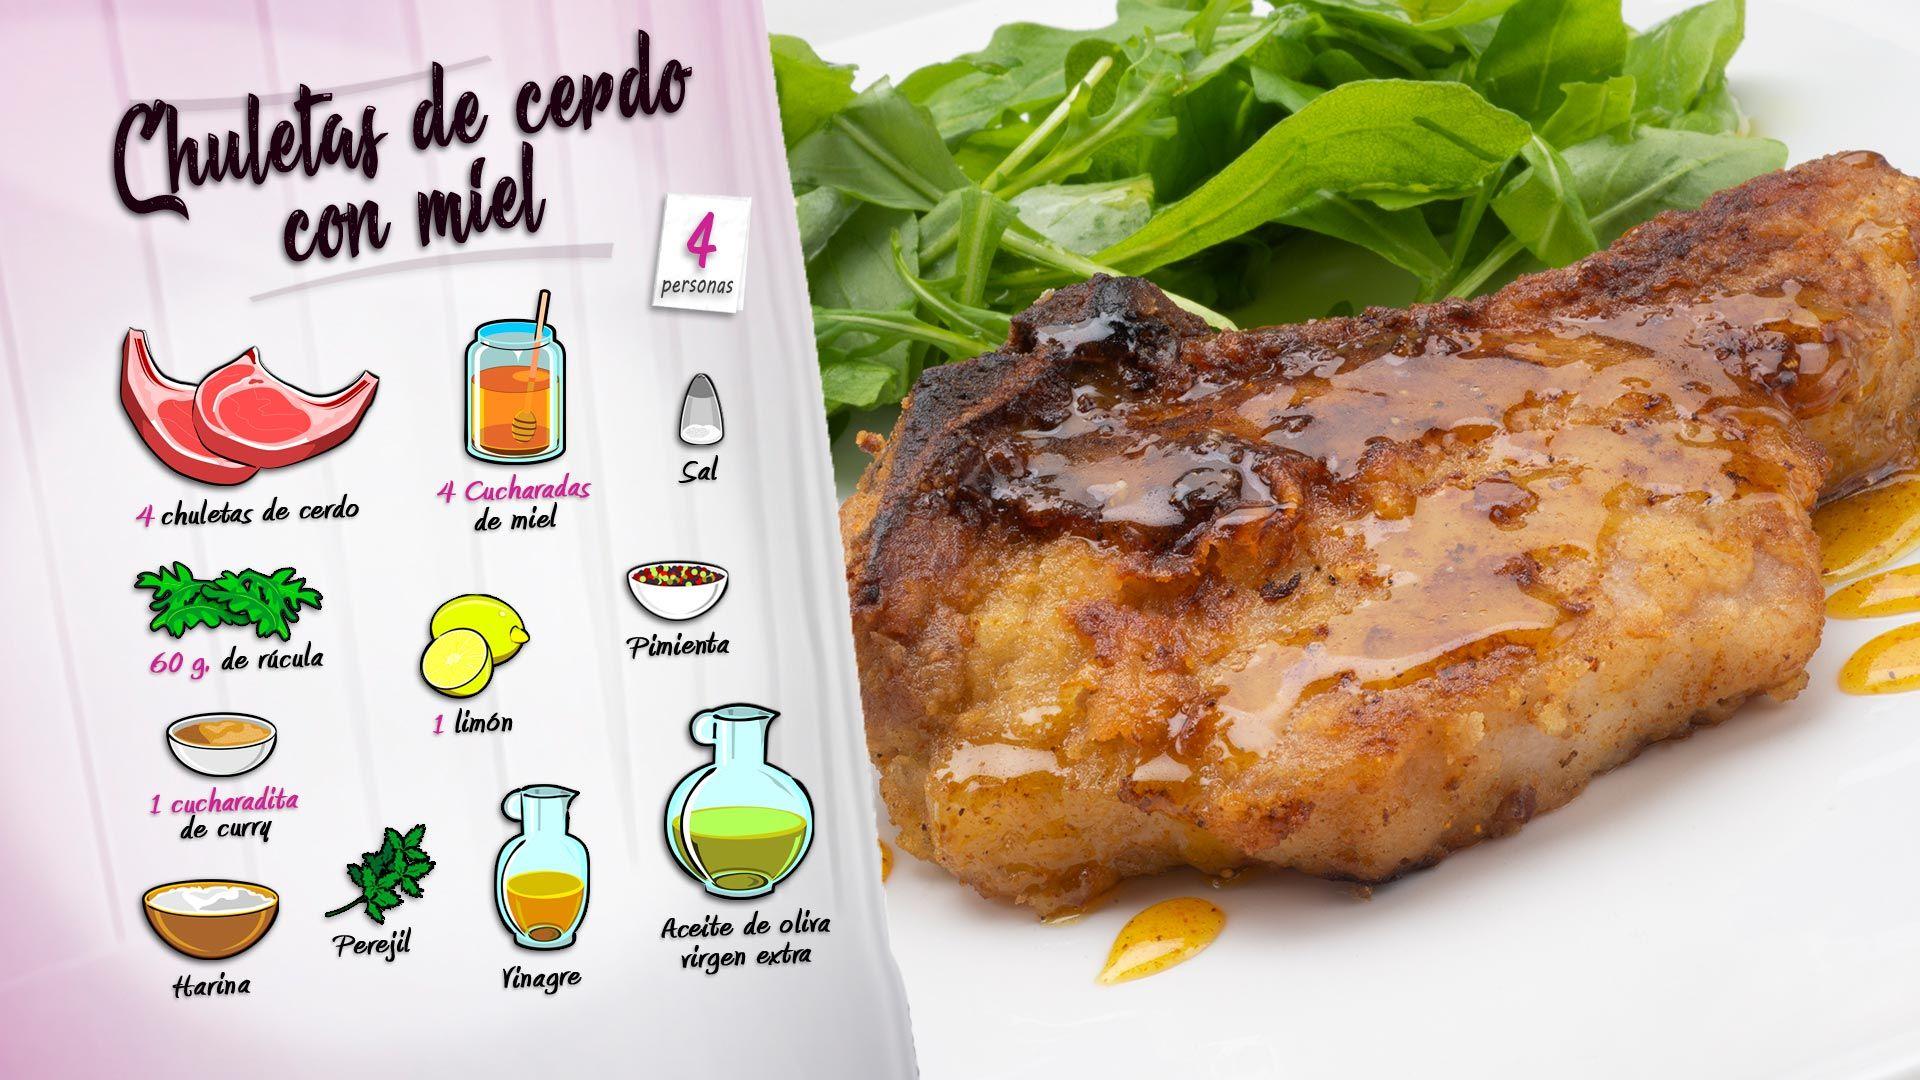 Chuletas de cerdo con miel